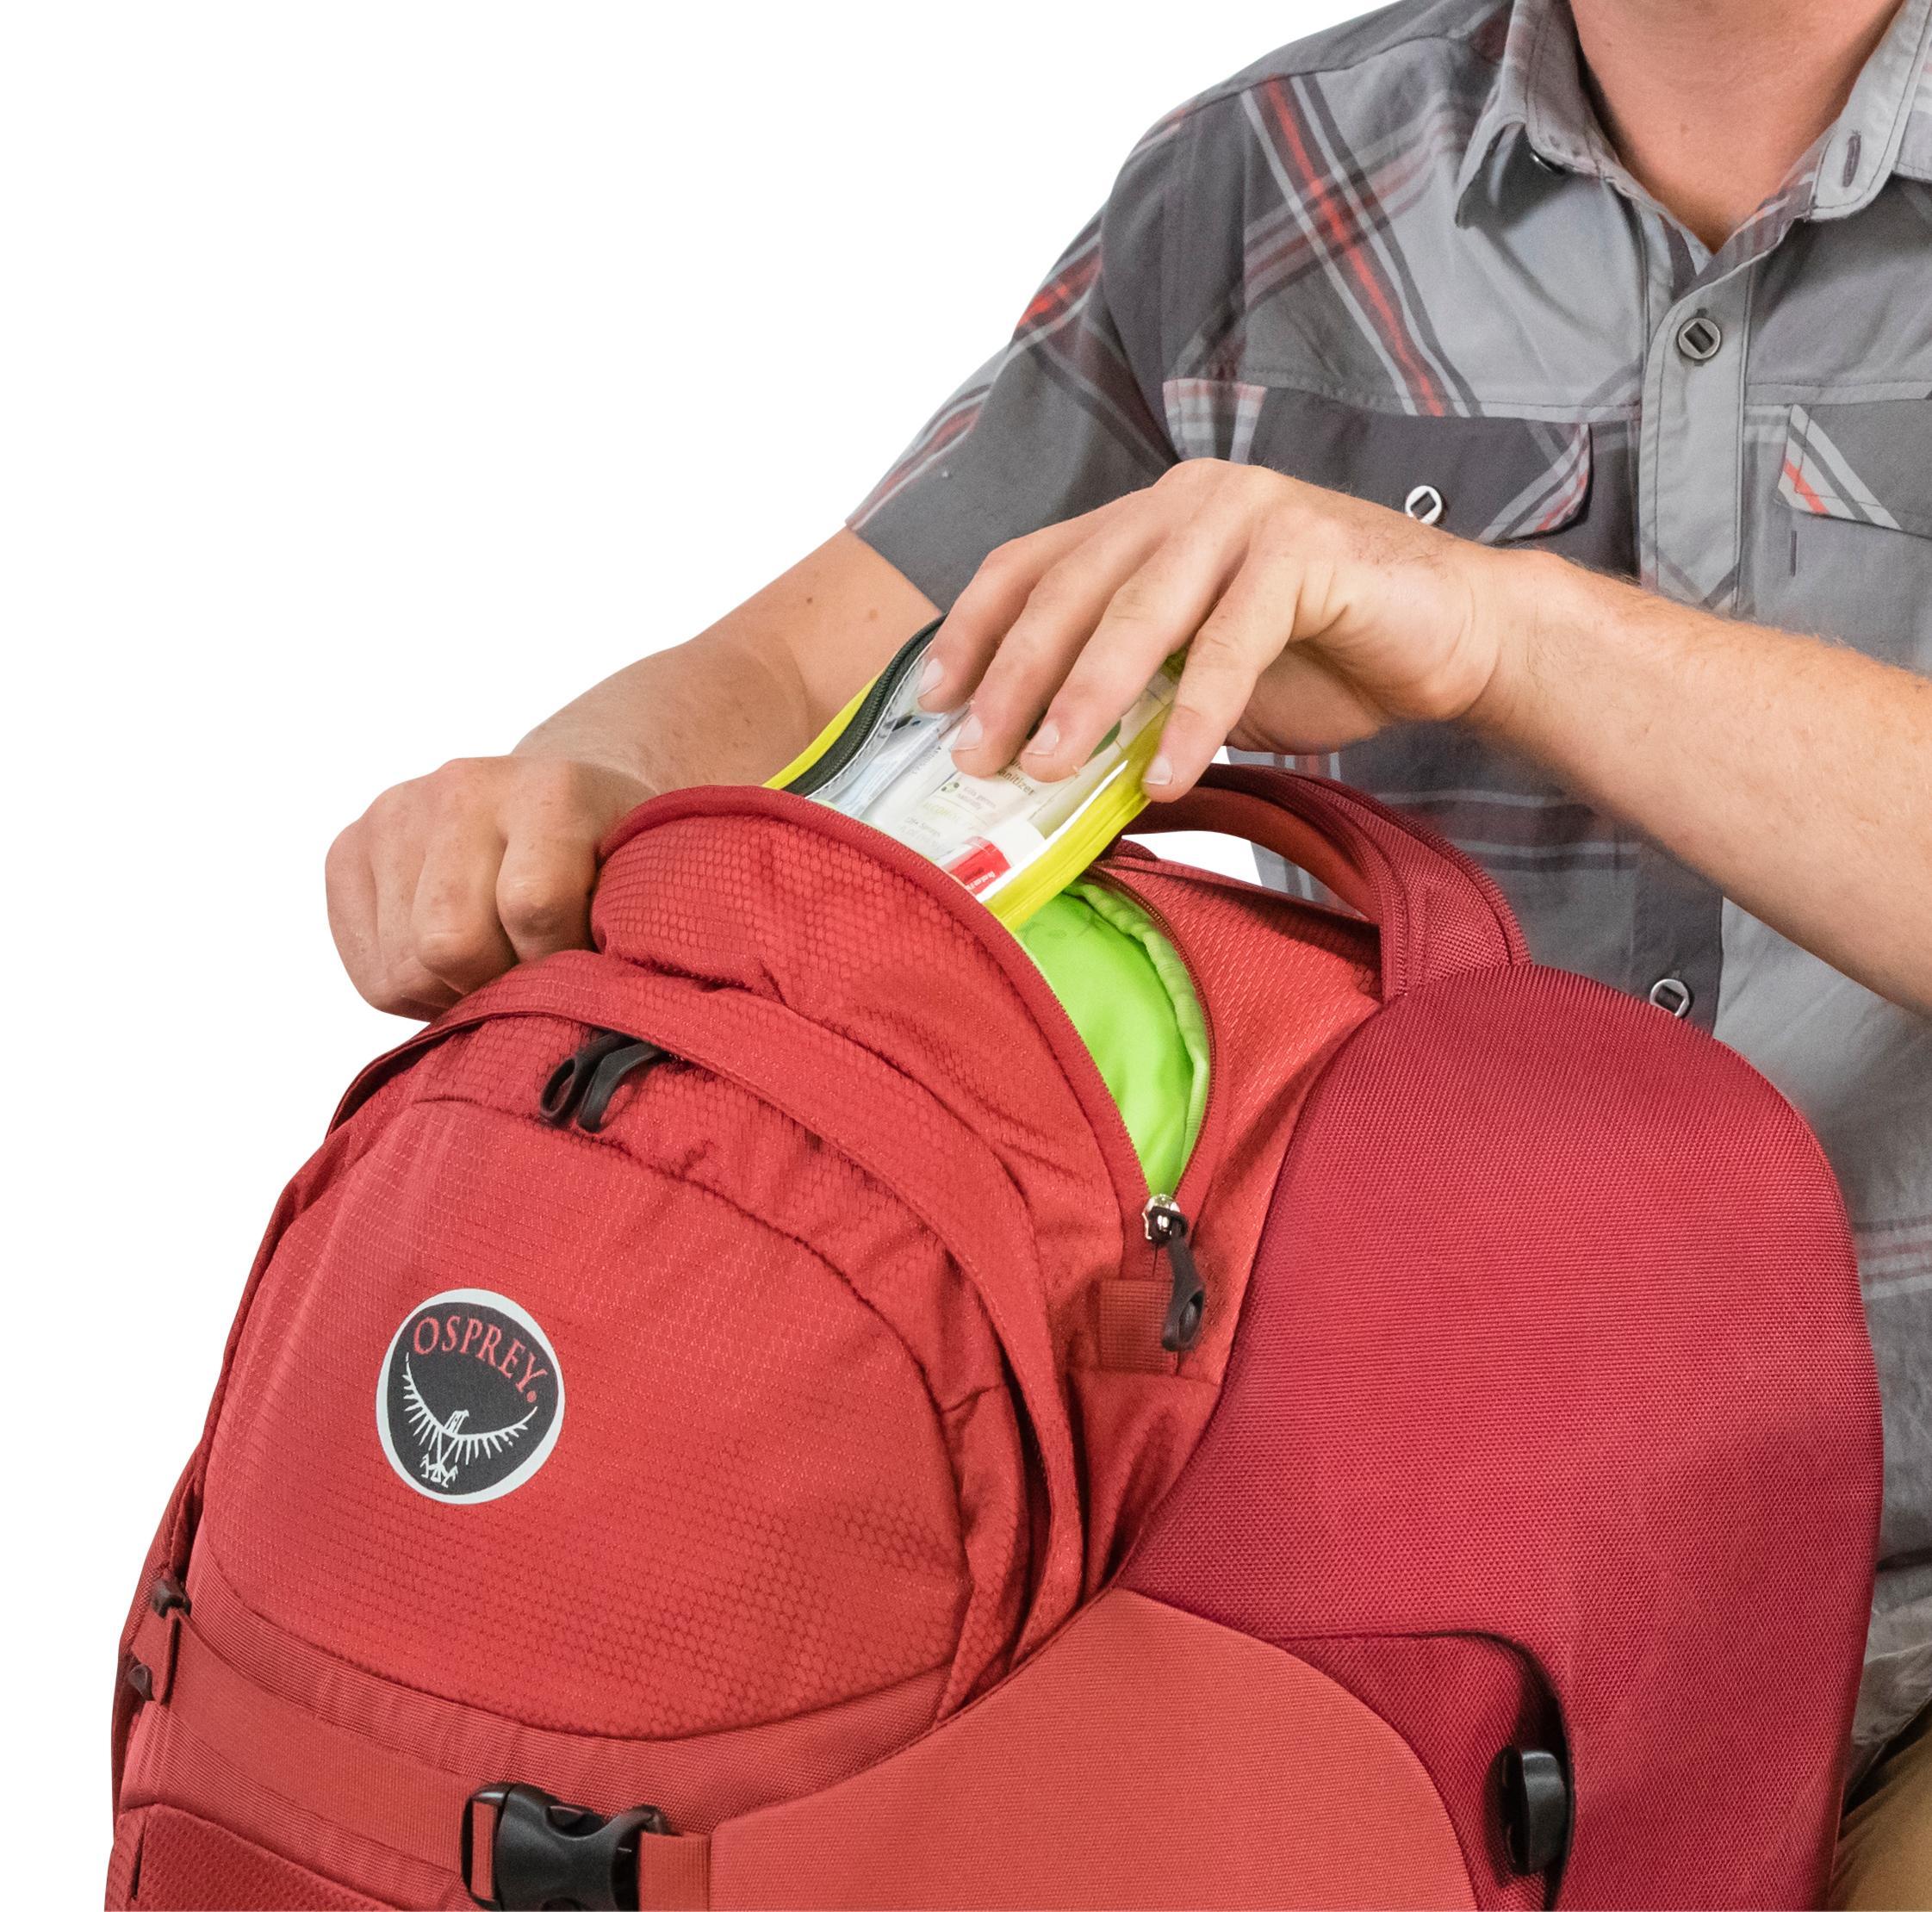 Amazon.com: Osprey Packs Sojourn Wheeled Luggage, Flash Black, 80 L/28